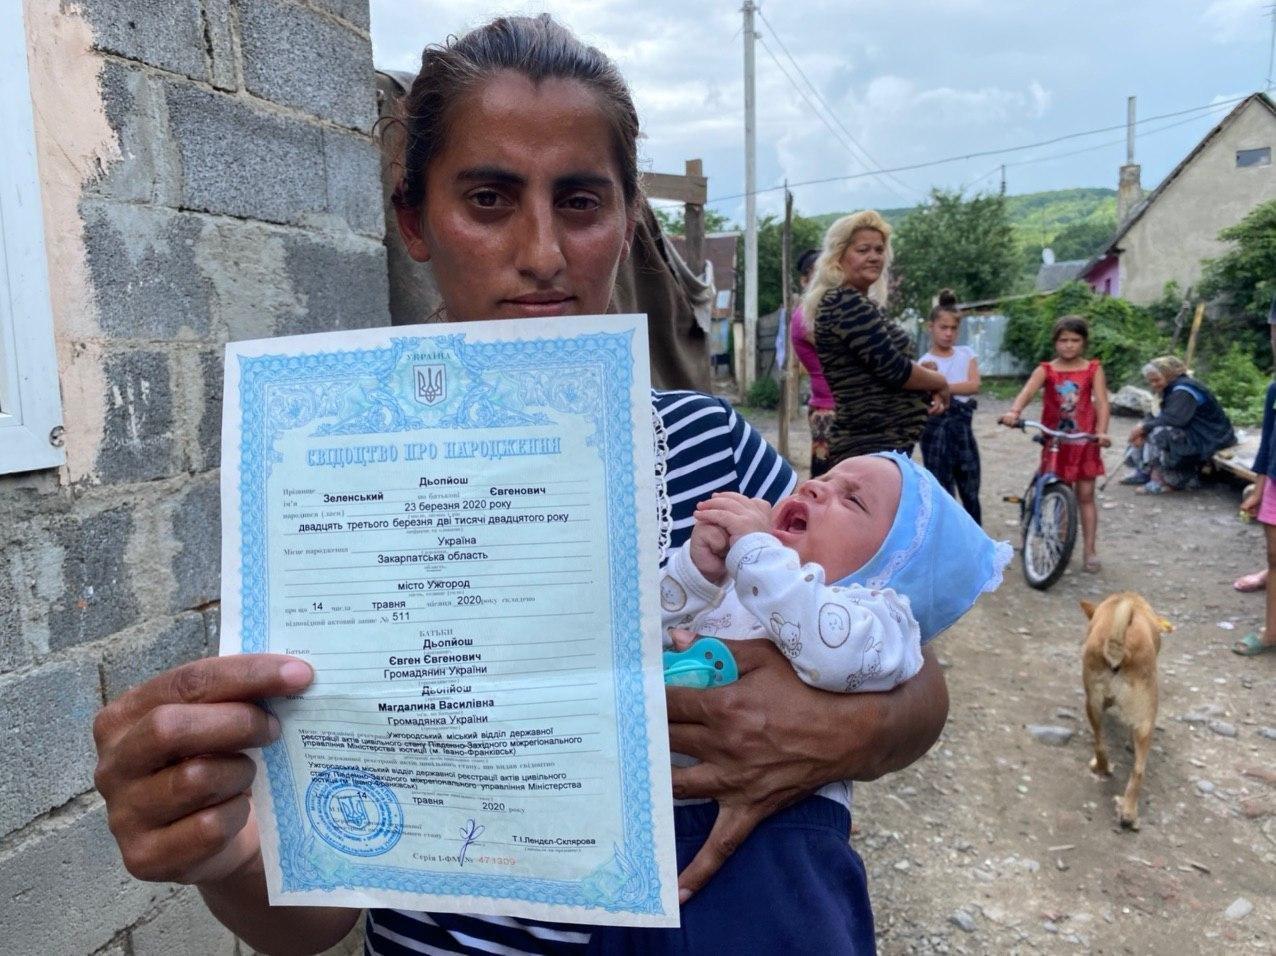 Ужгородський журналіст побував у гостях у сім'ї, яка назвала дитину Зеленський (ФОТО), фото-1